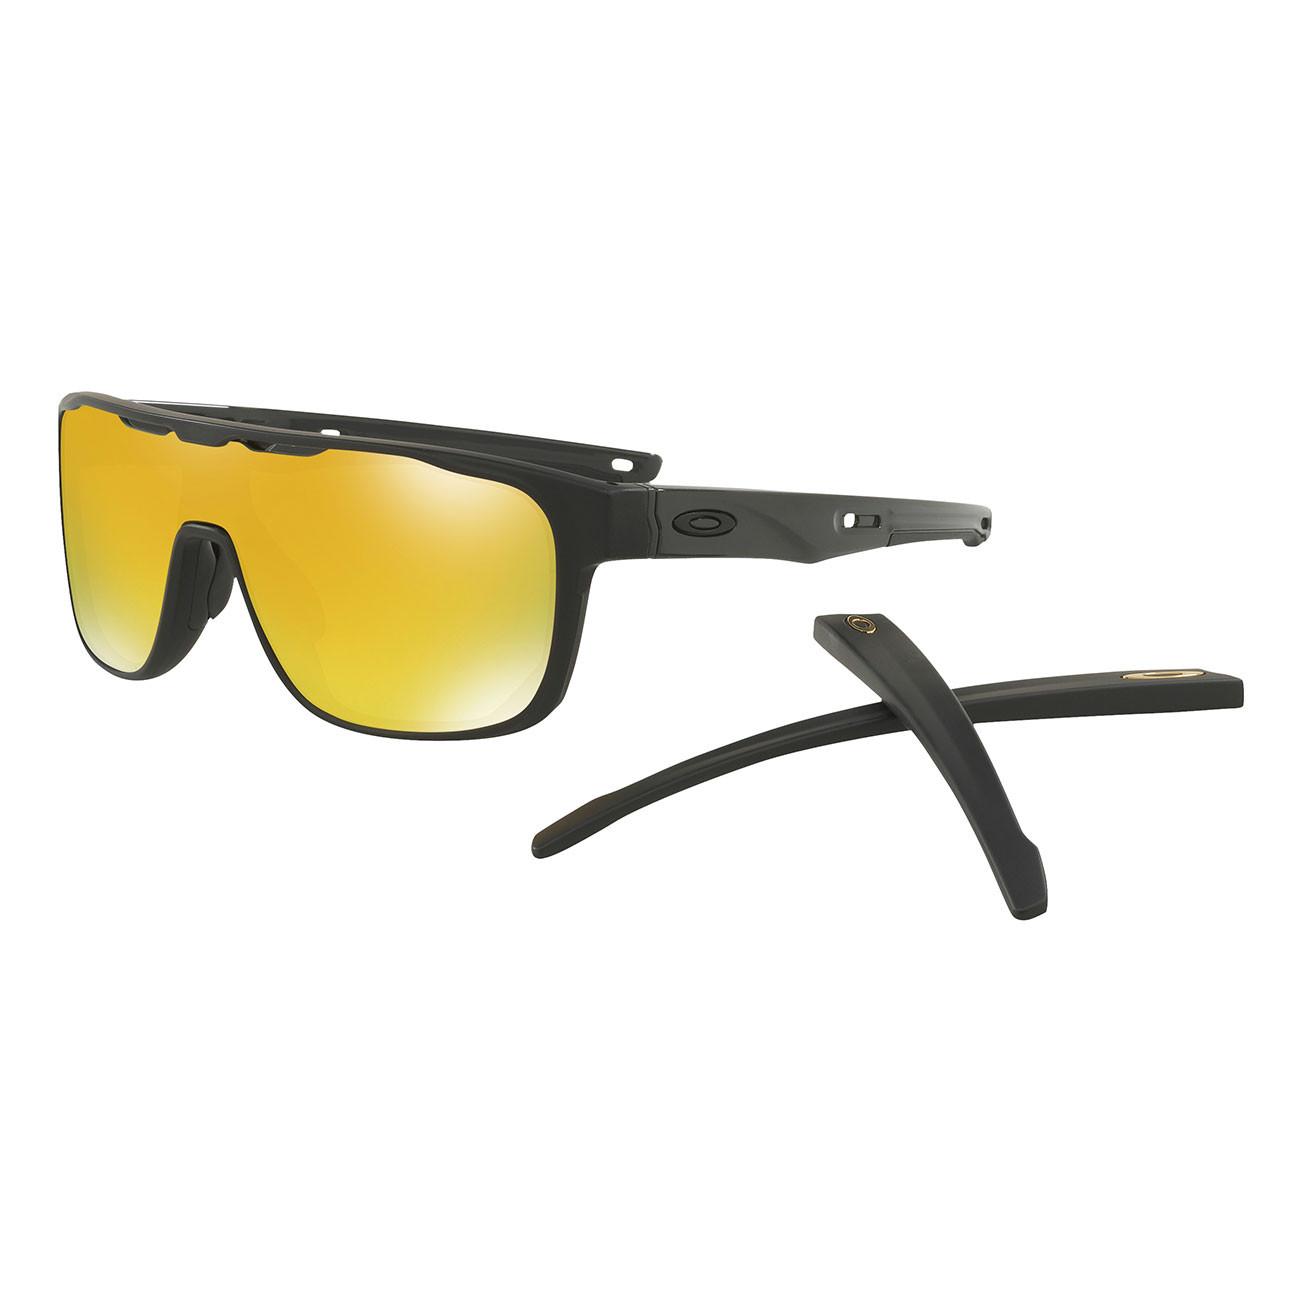 Sluneční brýle Oakley Crossrange Shield matte black